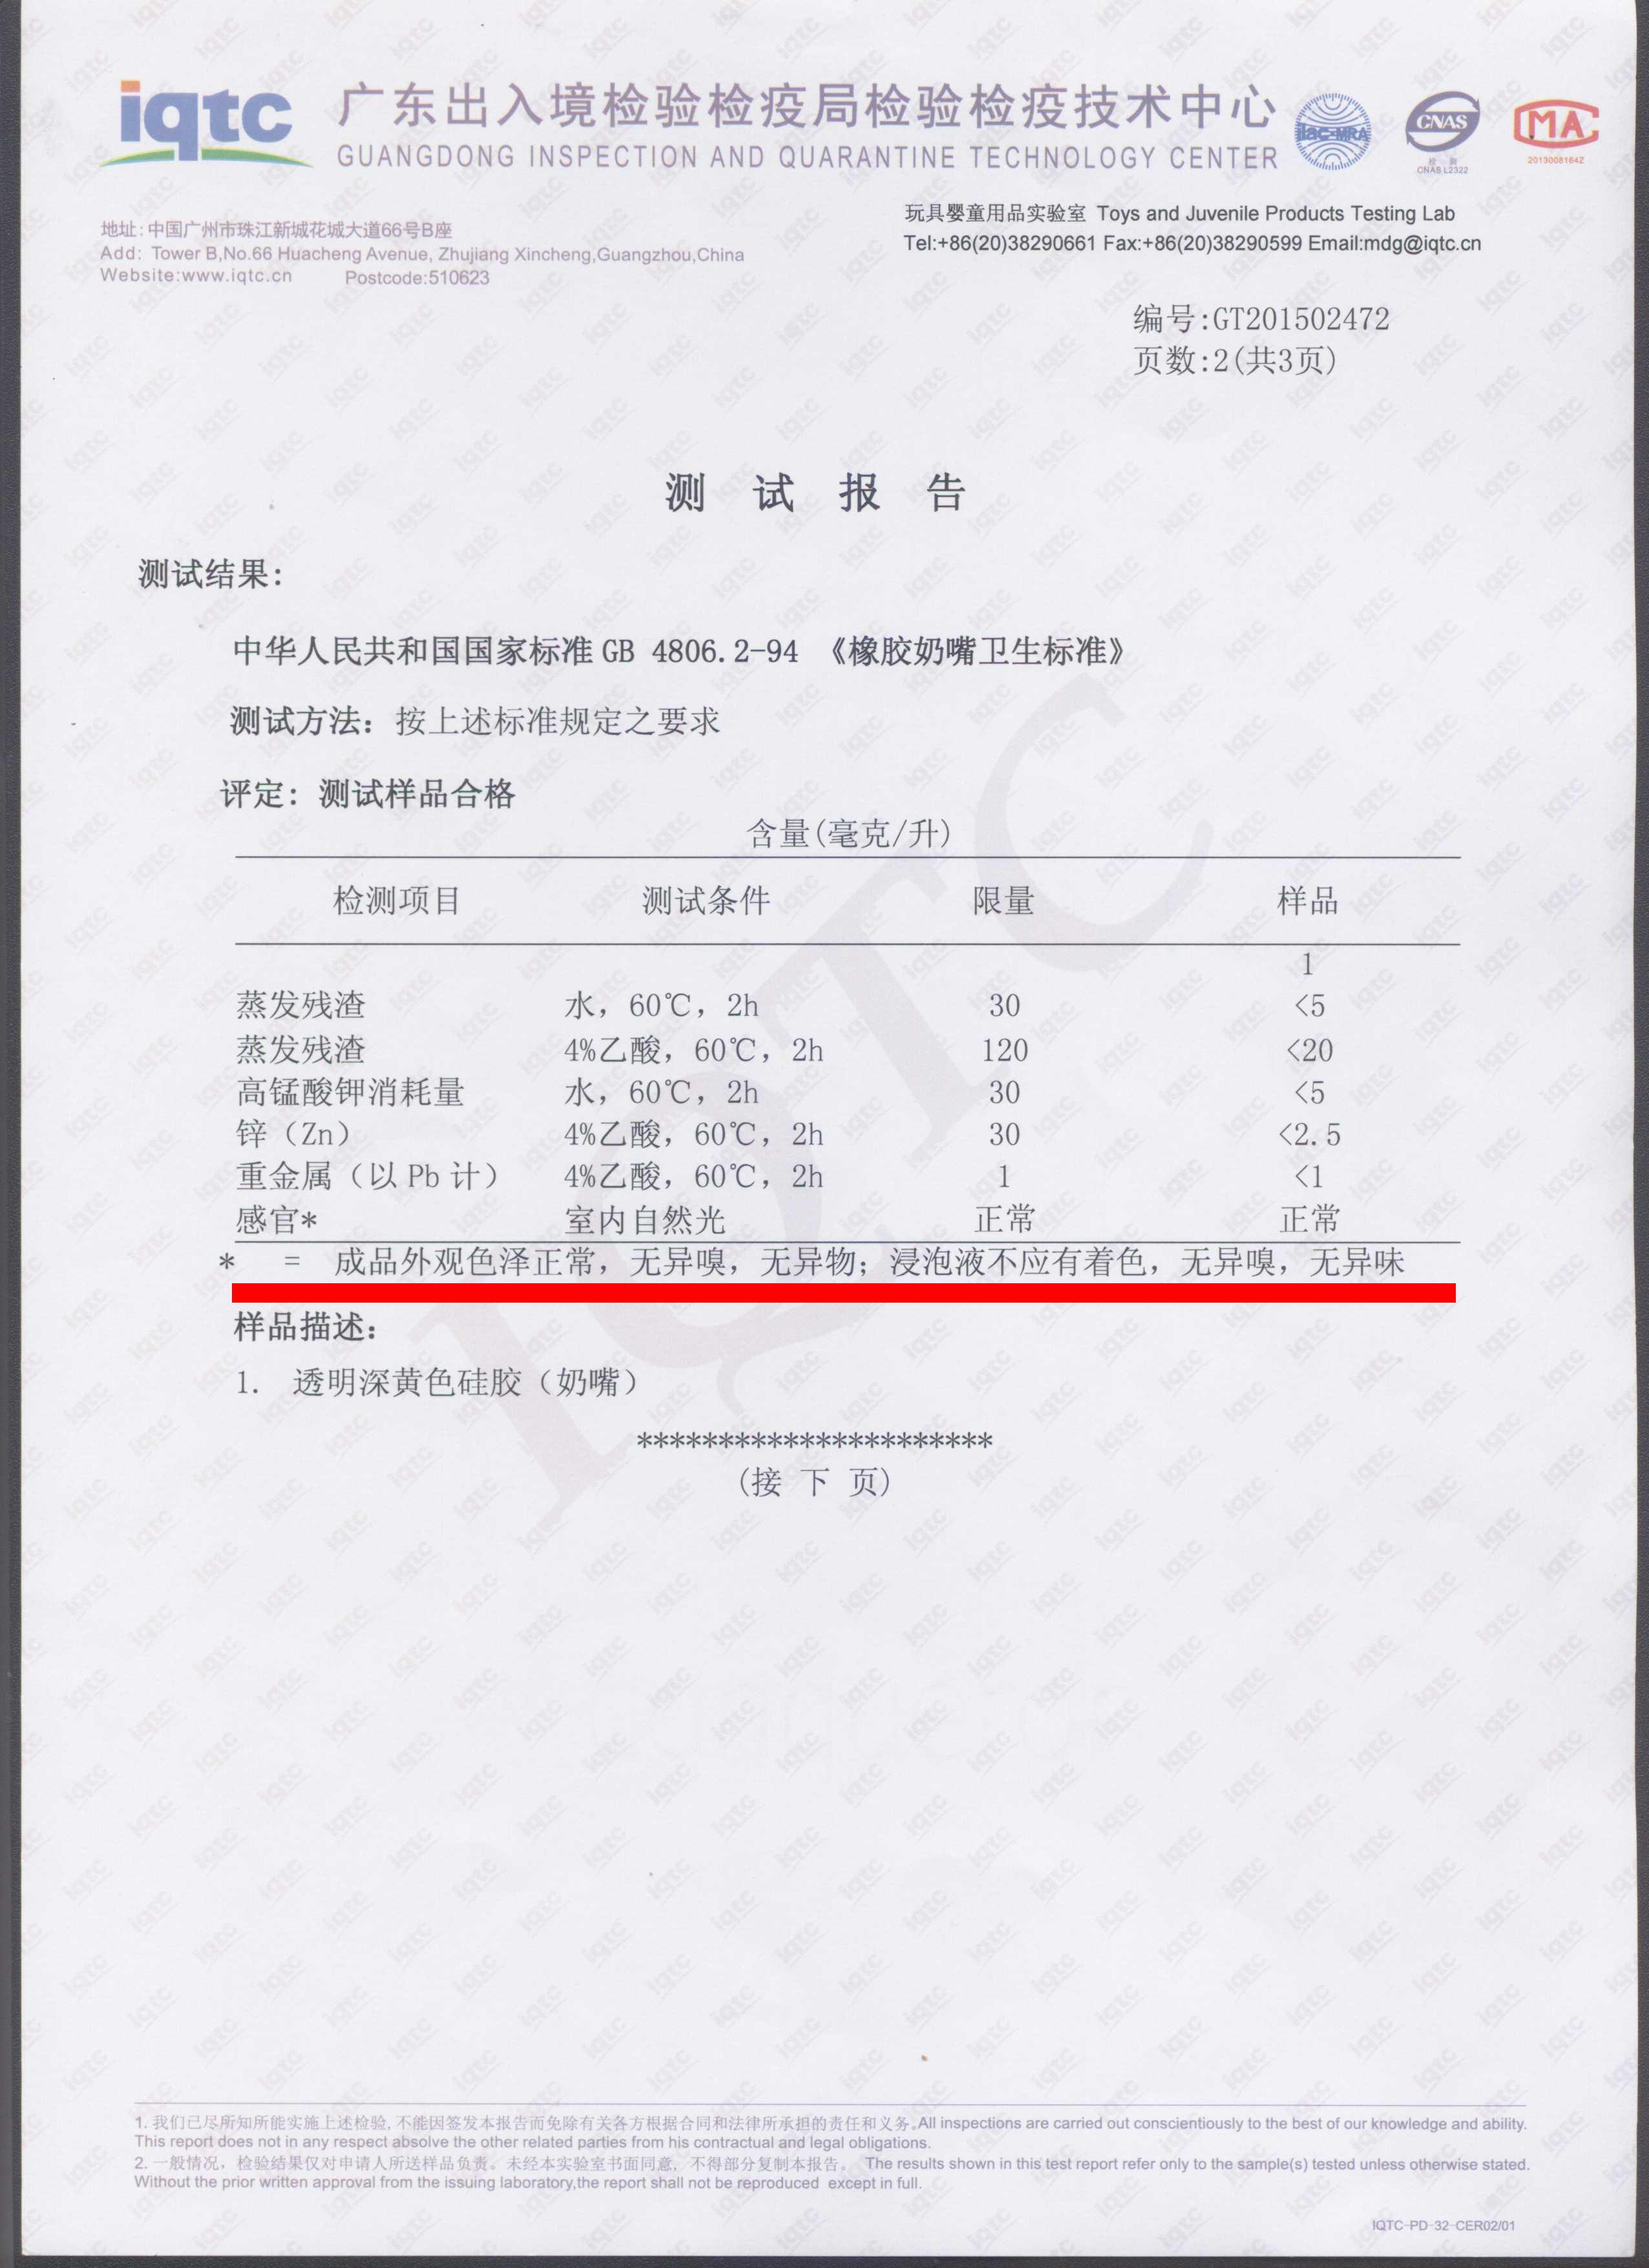 硅胶奶嘴卫生标准测试报告2